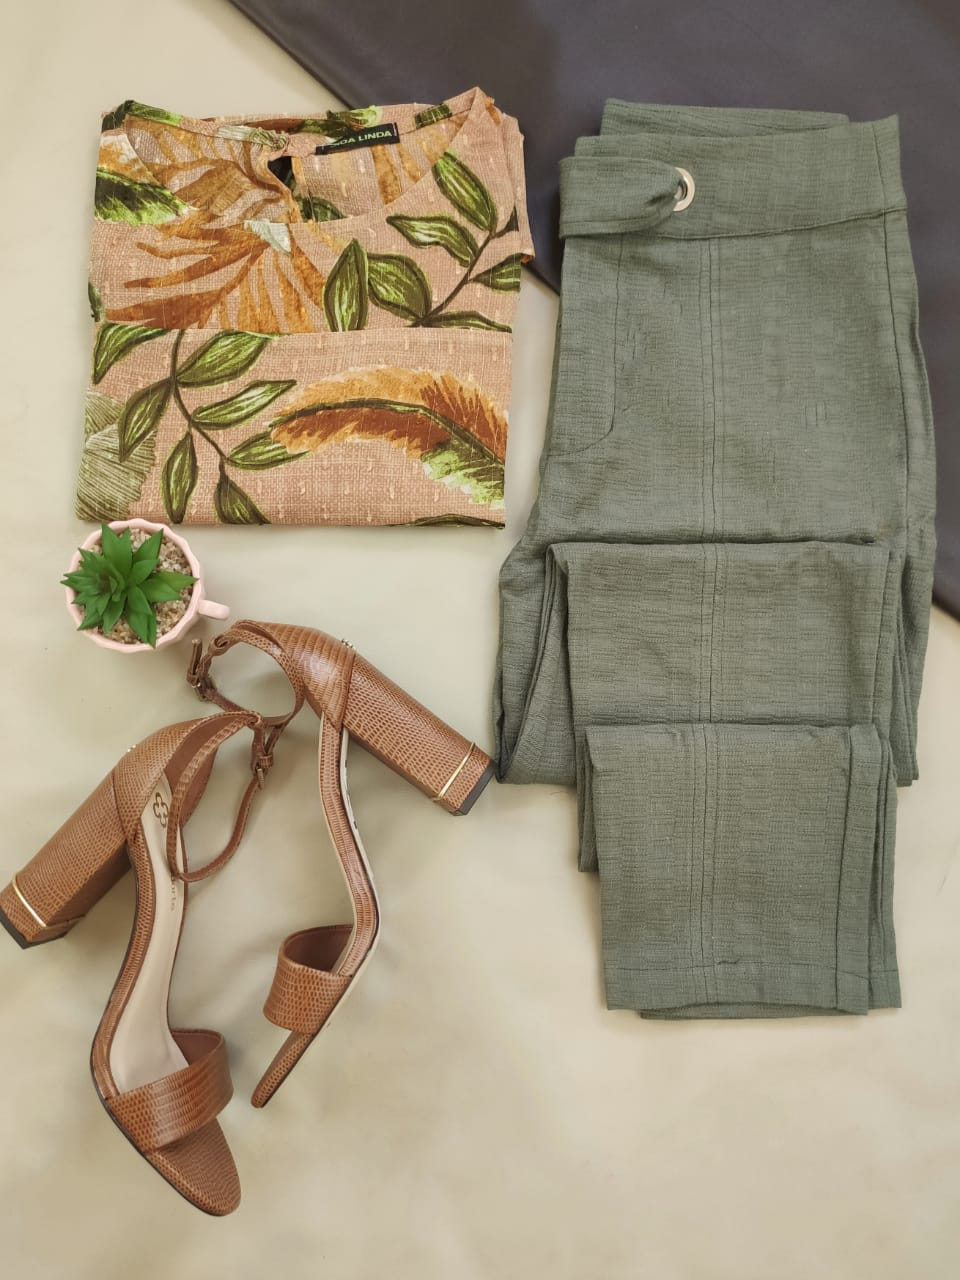 Blusa Manga Curta Estampada Floral Nude + Calça Skinny Cinto Transpassado Verde